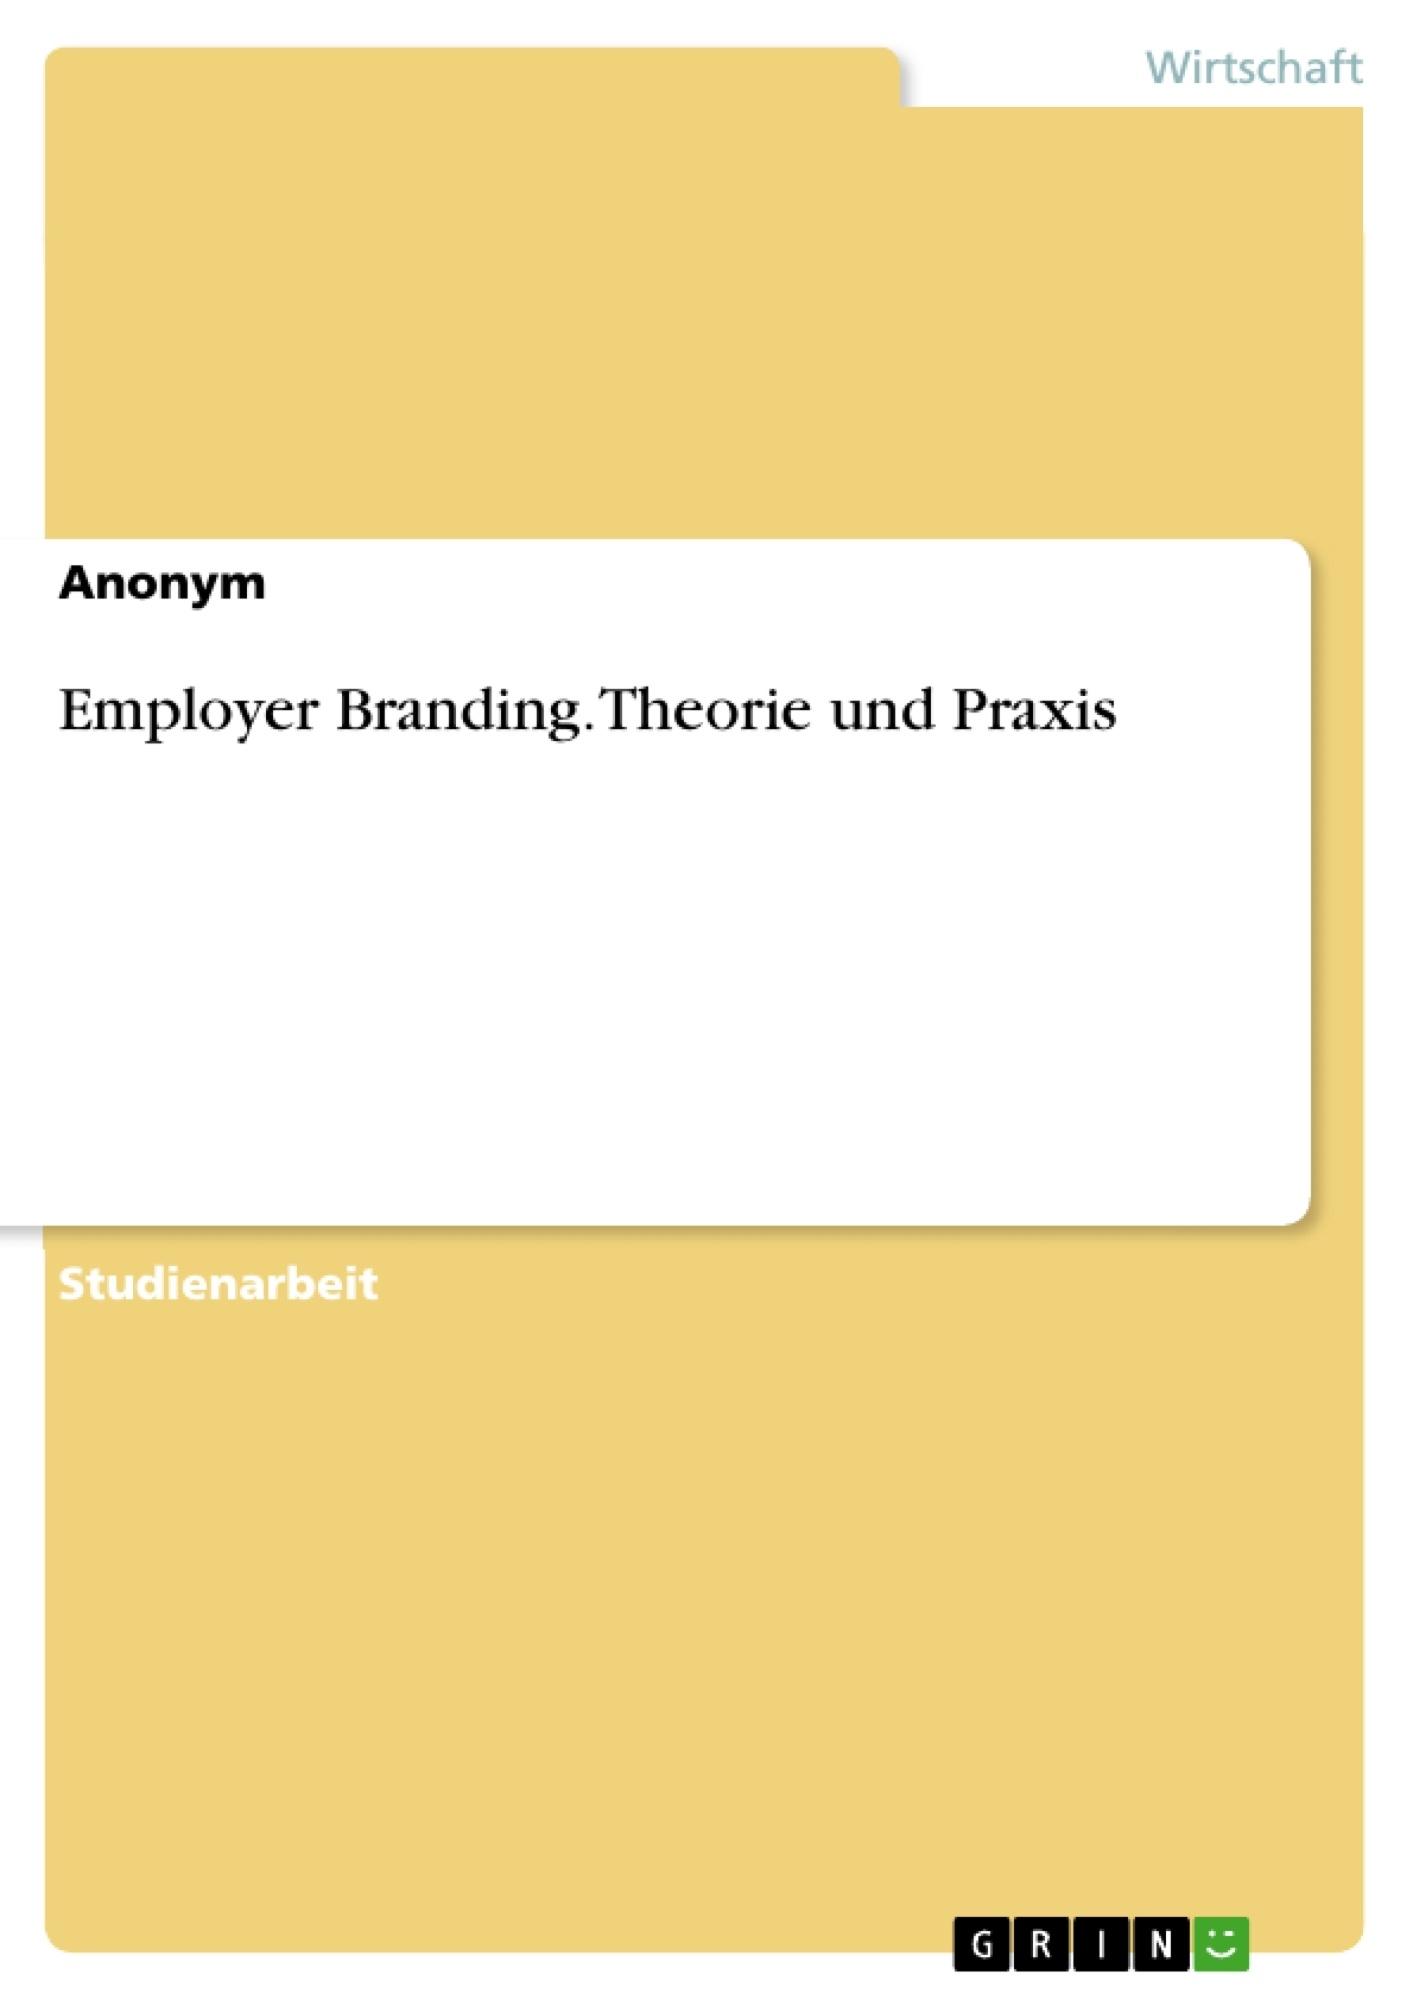 Titel: Employer Branding. Theorie und Praxis